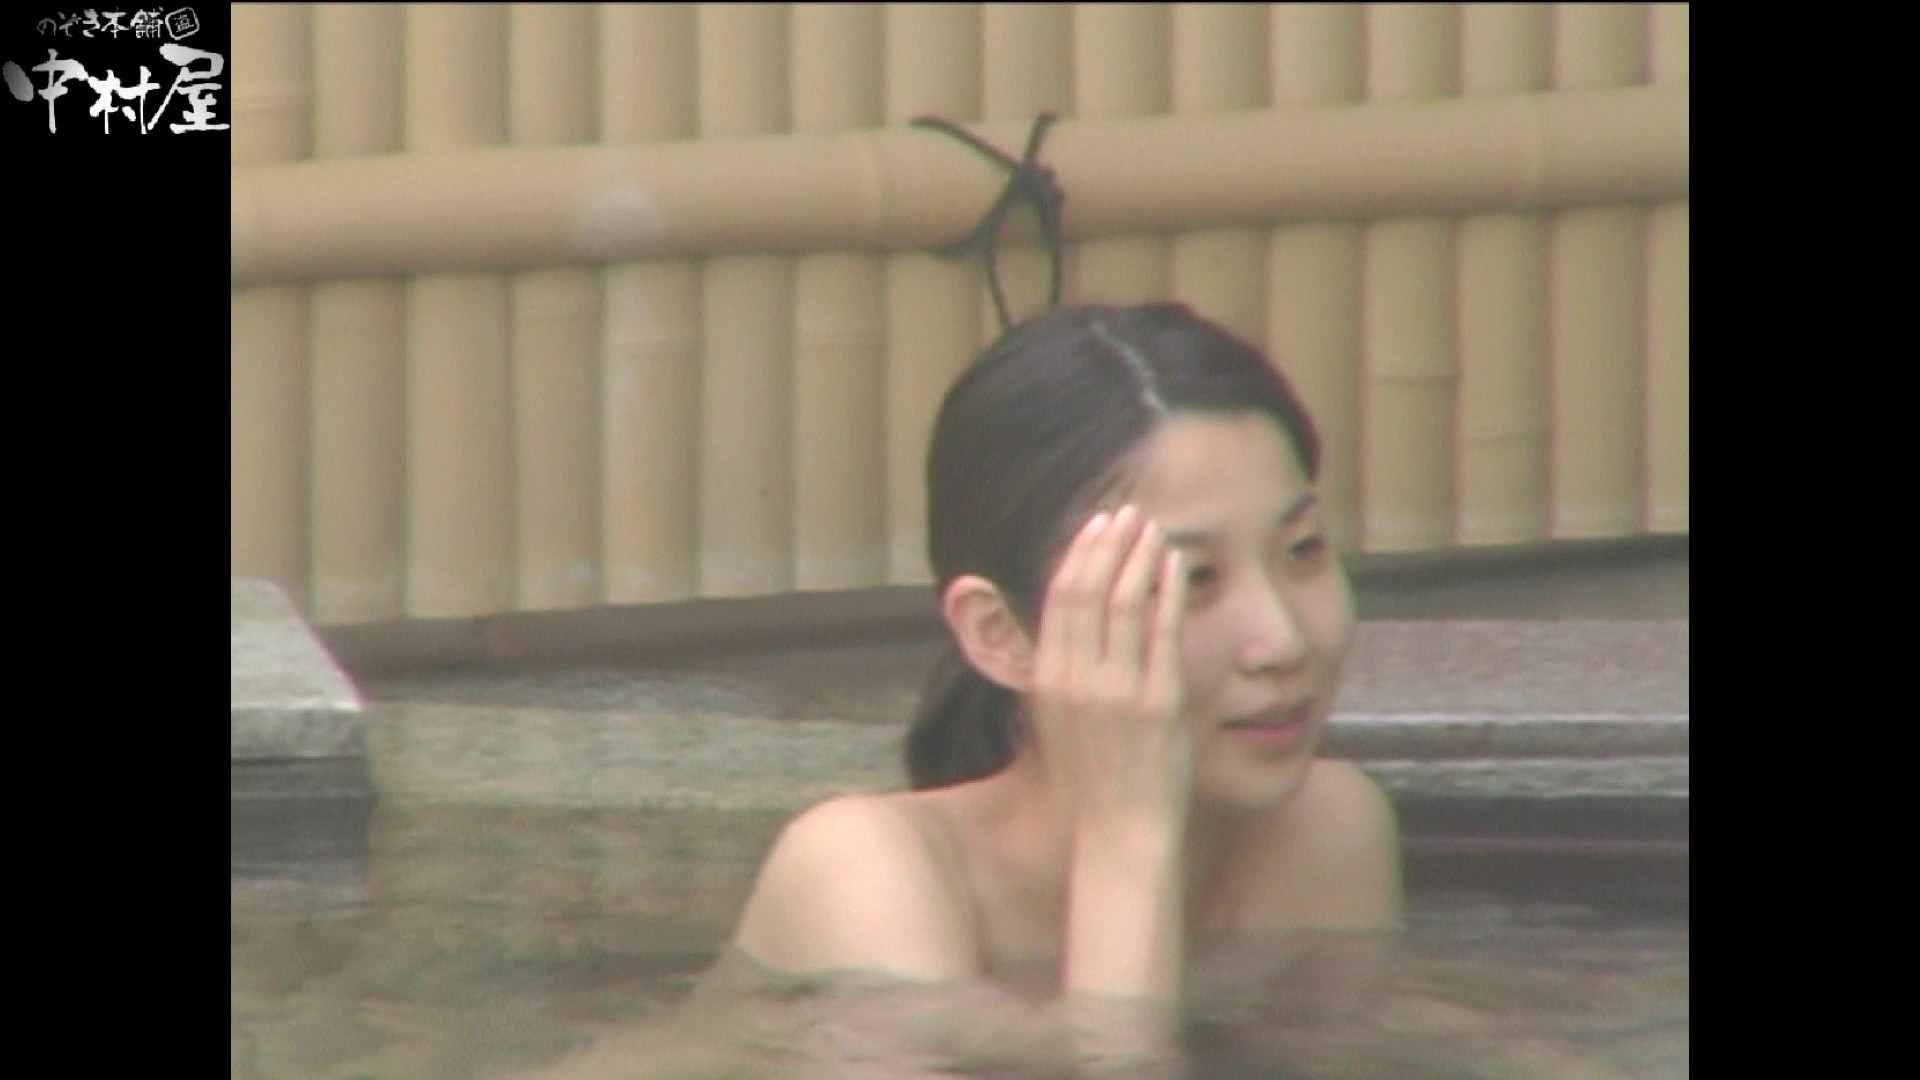 Aquaな露天風呂Vol.898 盗撮シリーズ  110PIX 66